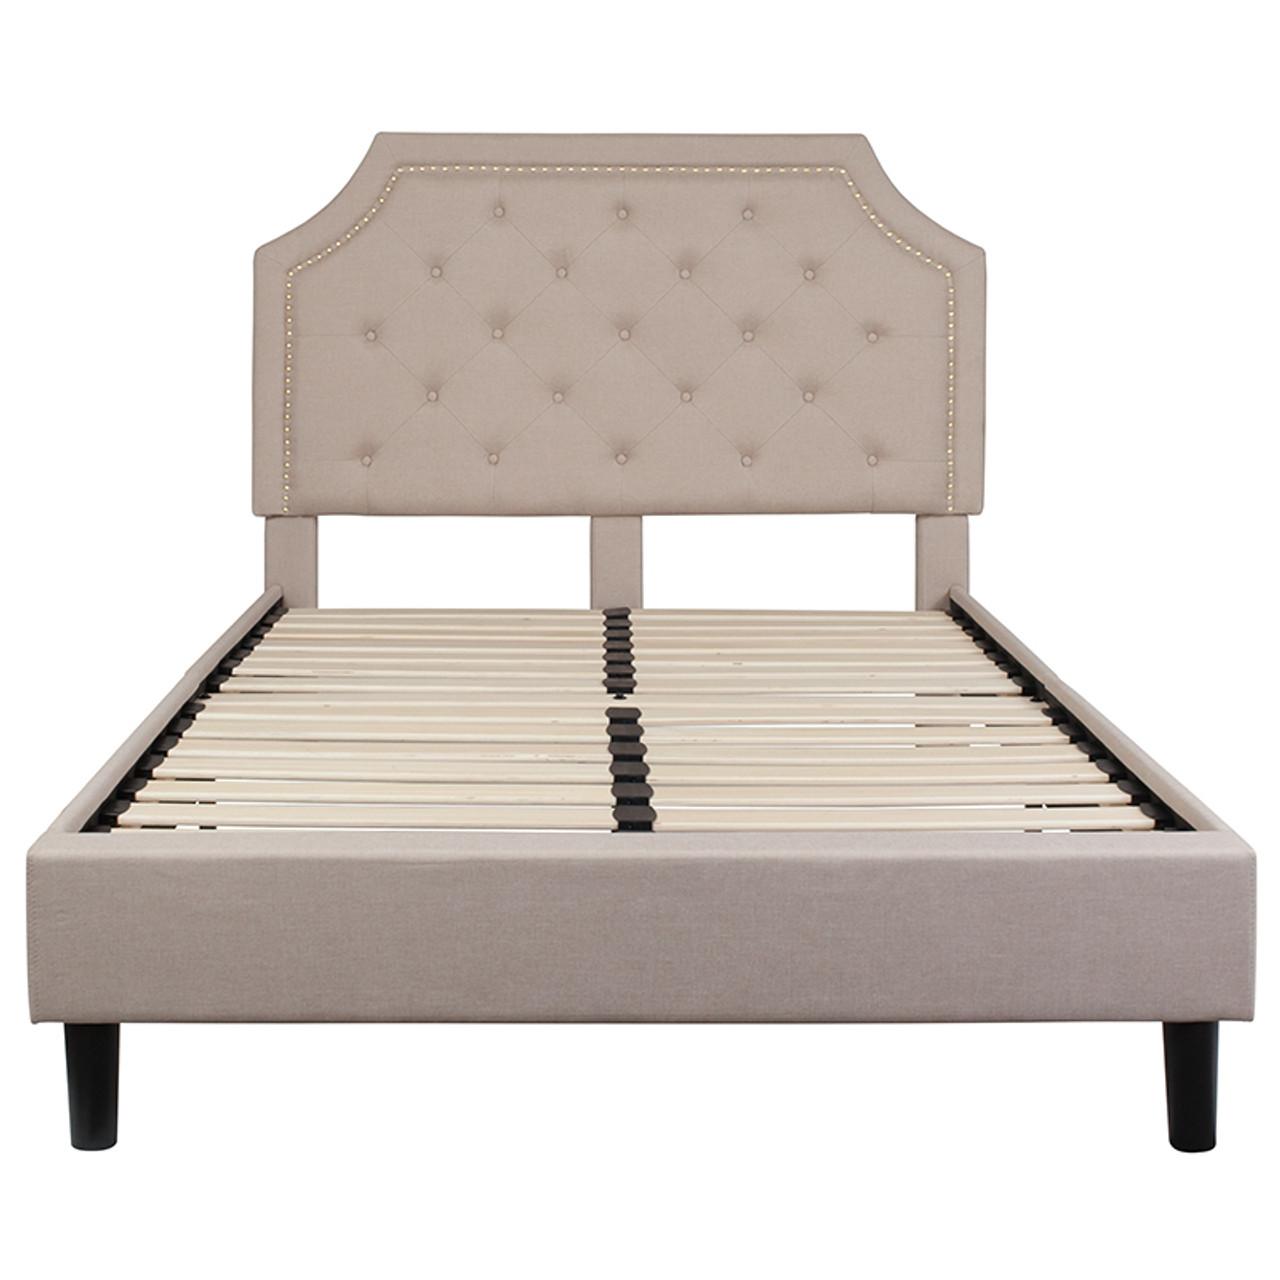 Upholstered Platform Beds